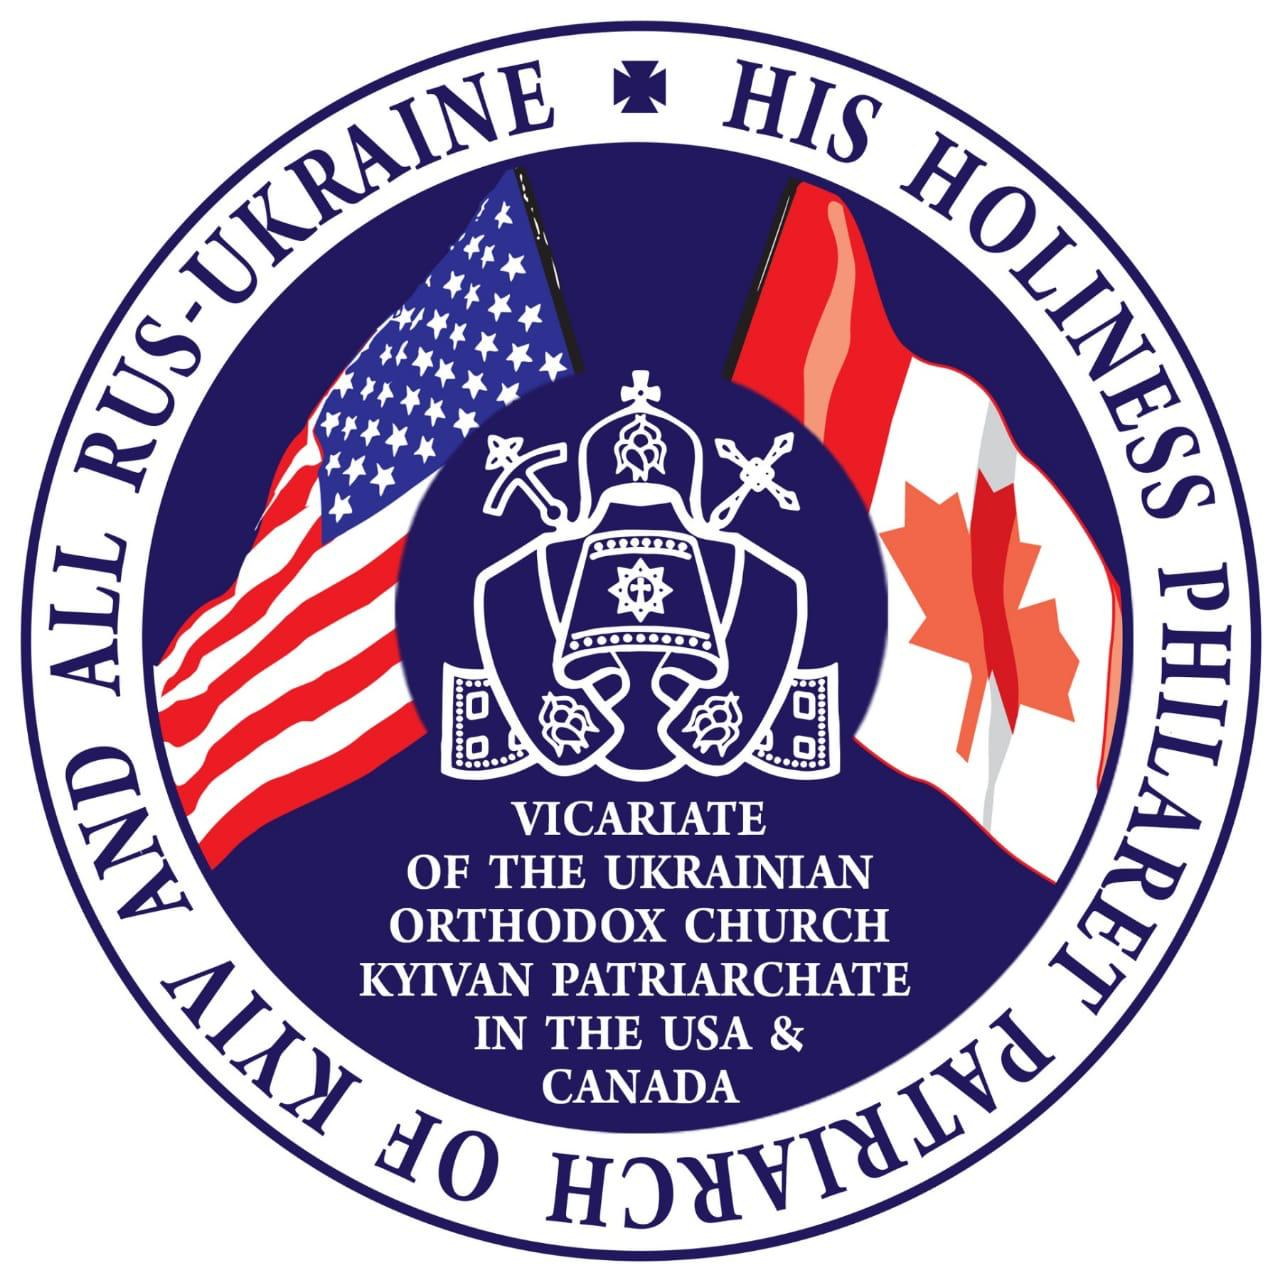 Урядом США зареєстровано статутні документи Вікаріату УПЦ Київського Патріархату в США та Канаді